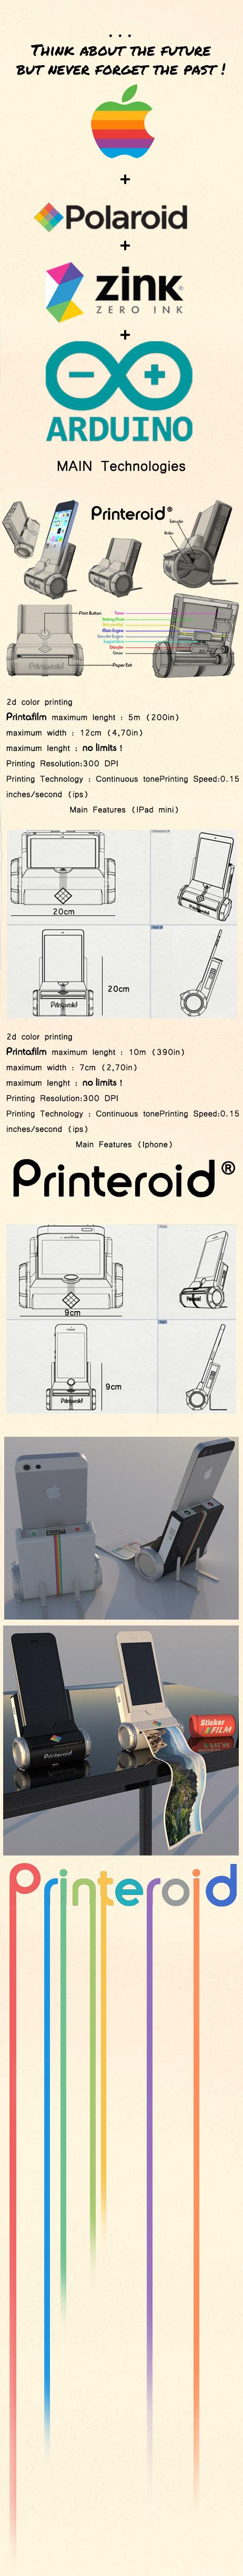 Printeroid Printing...